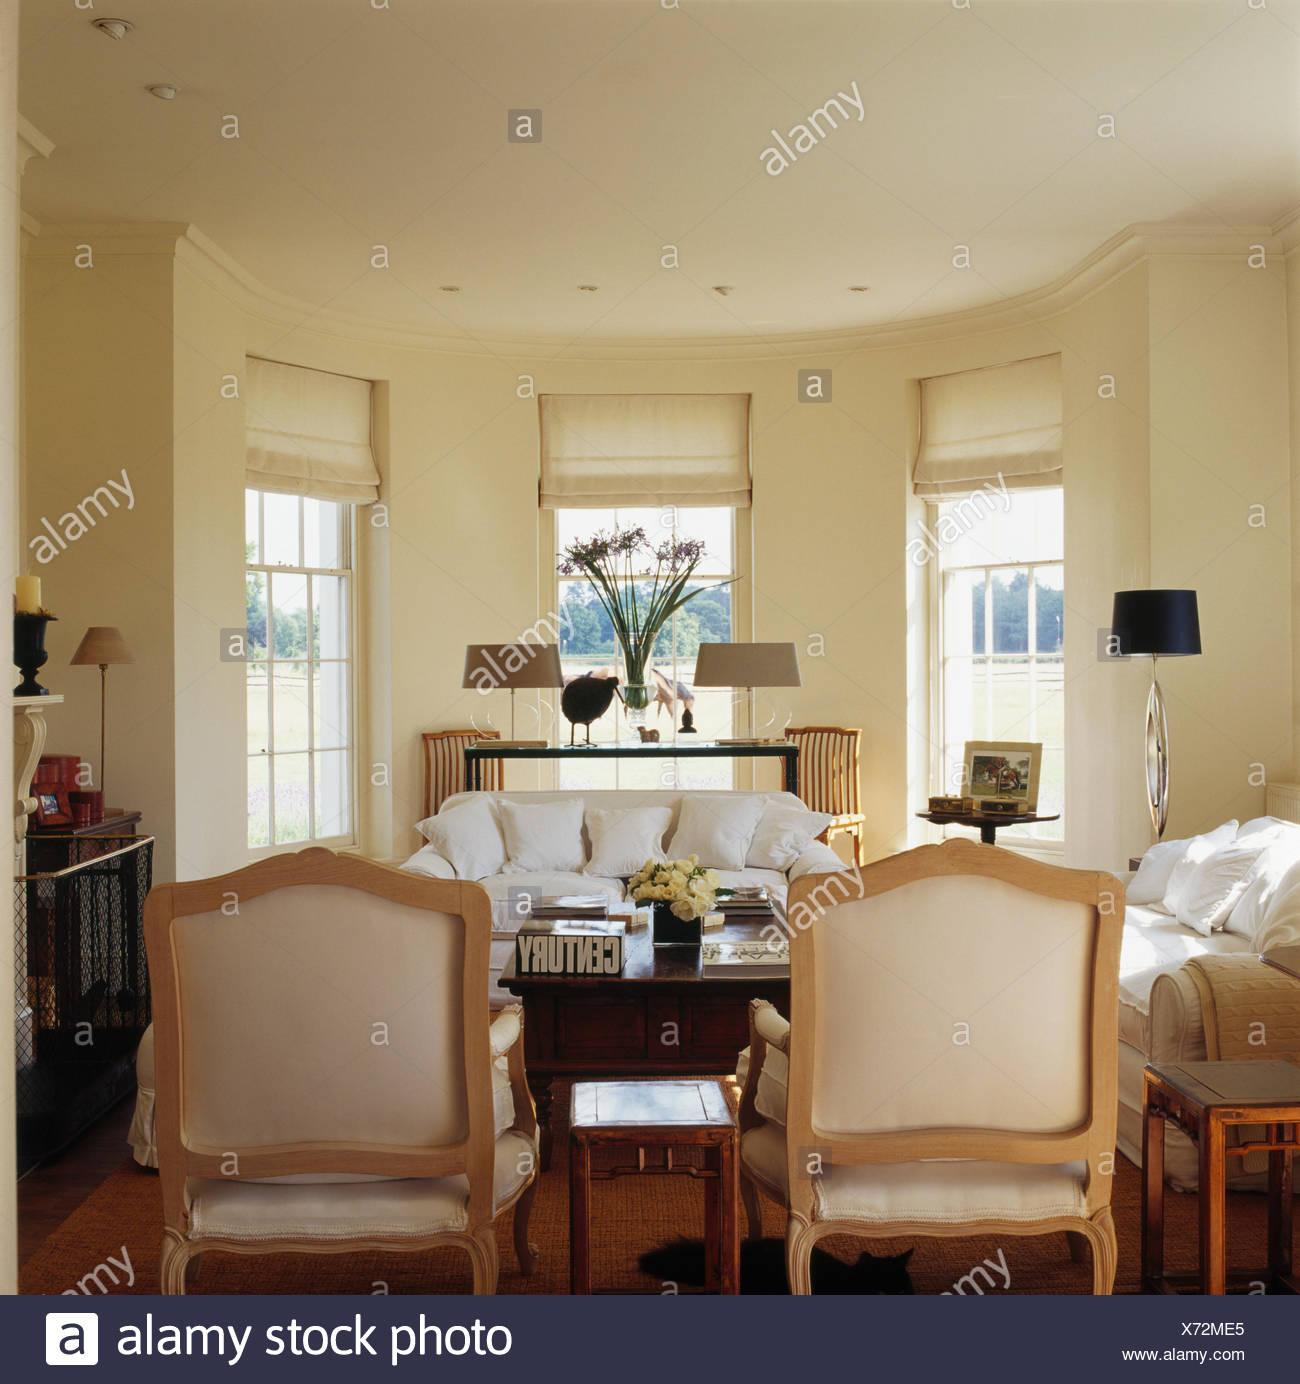 Creme Stühle und weiße Sofas im Wohnzimmer Creme Land mit weißem ...